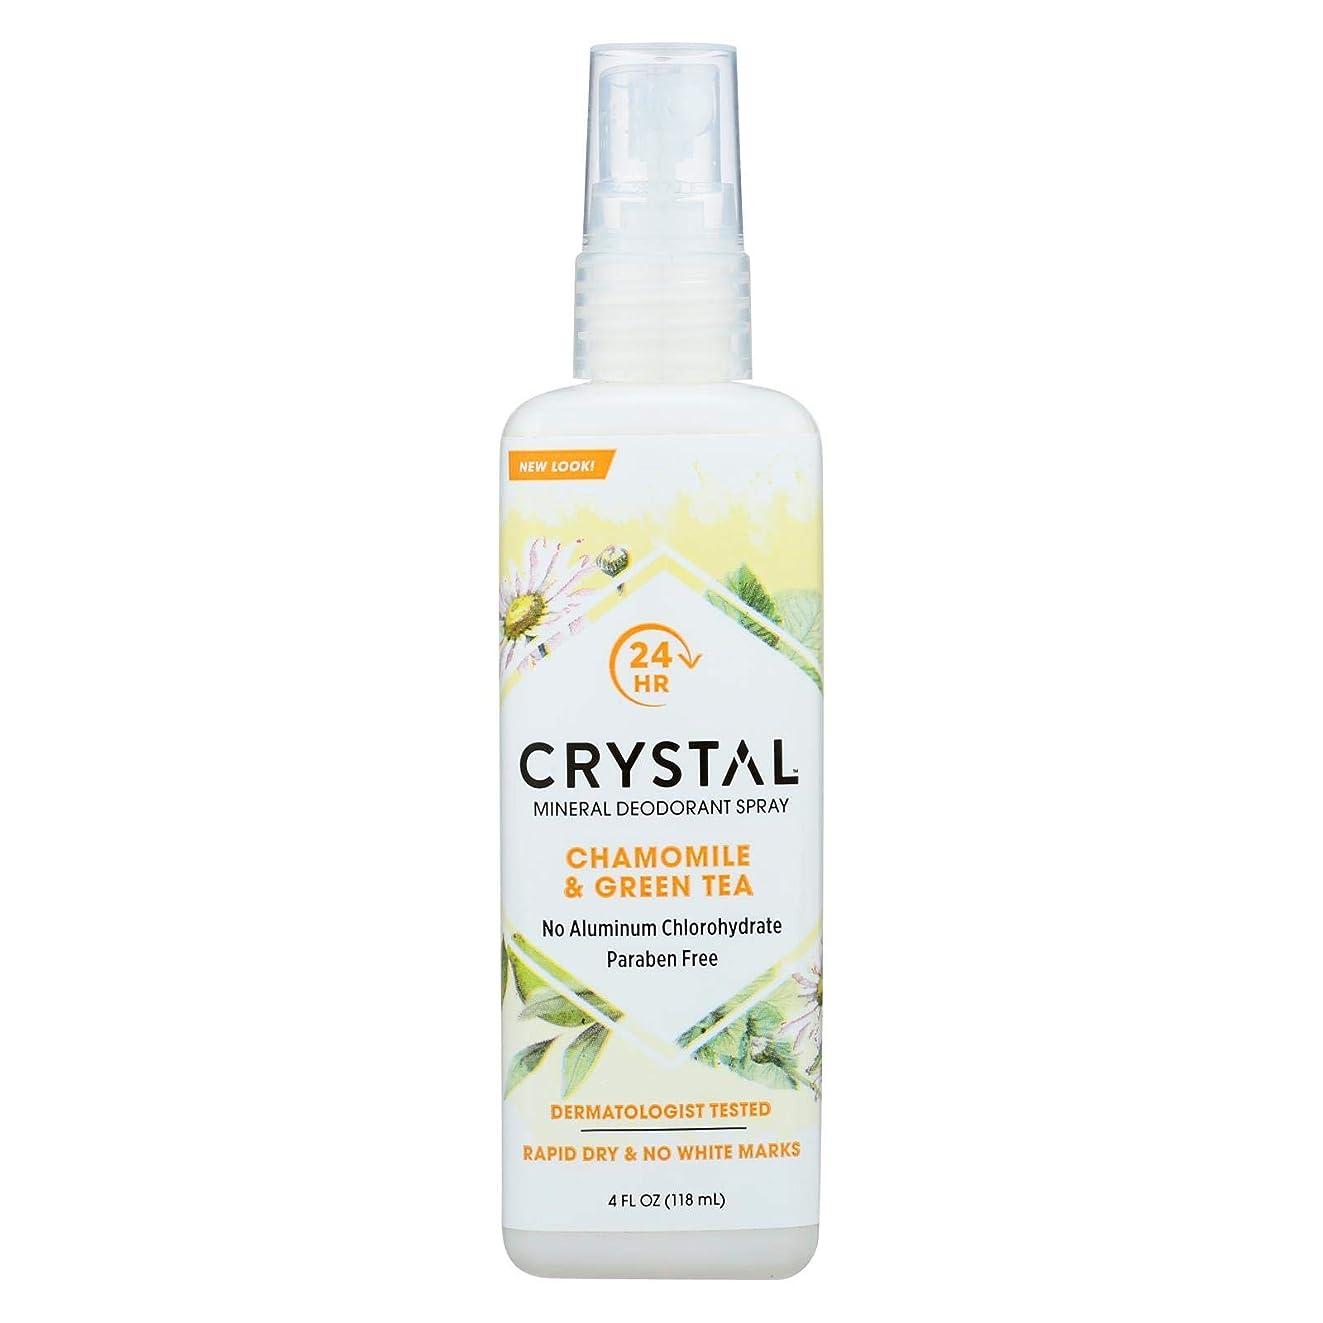 家前進正気Crystal Body Deodorant - 水晶本質のフランスの運輸Chamomile及び緑茶によるミネラル防臭剤ボディスプレー - 4ポンド